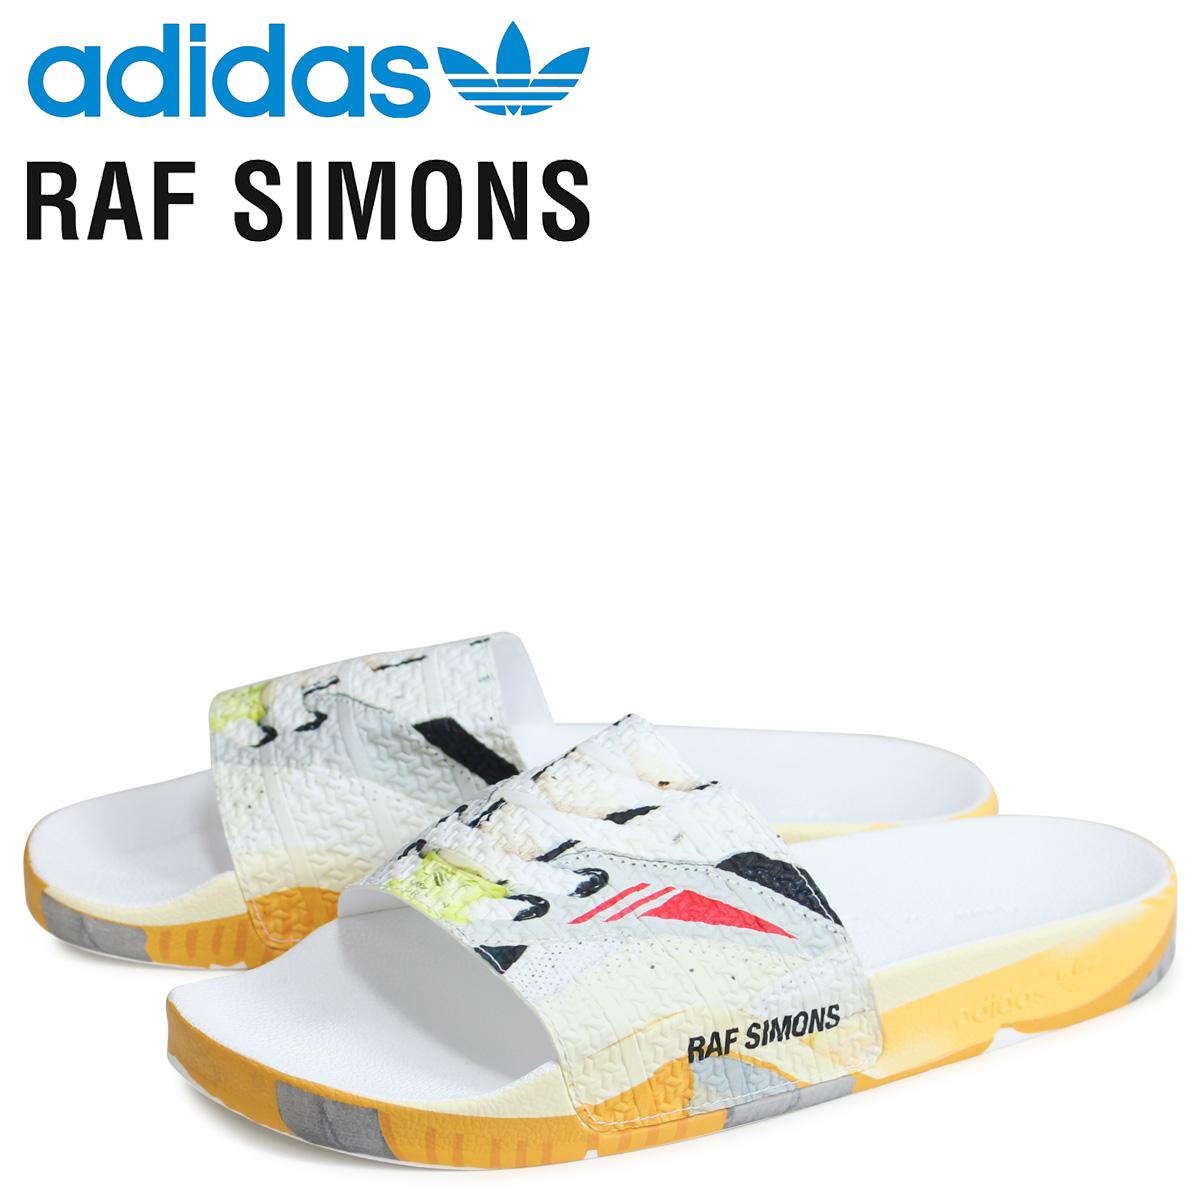 アディダス オリジナルス adidas Originals ラフシモンズ RAF SIMONS トーション アディレッタ サンダル シャワーサンダル メンズ RS TORSION ADILETTE コラボ ホワイト 白 EE7958